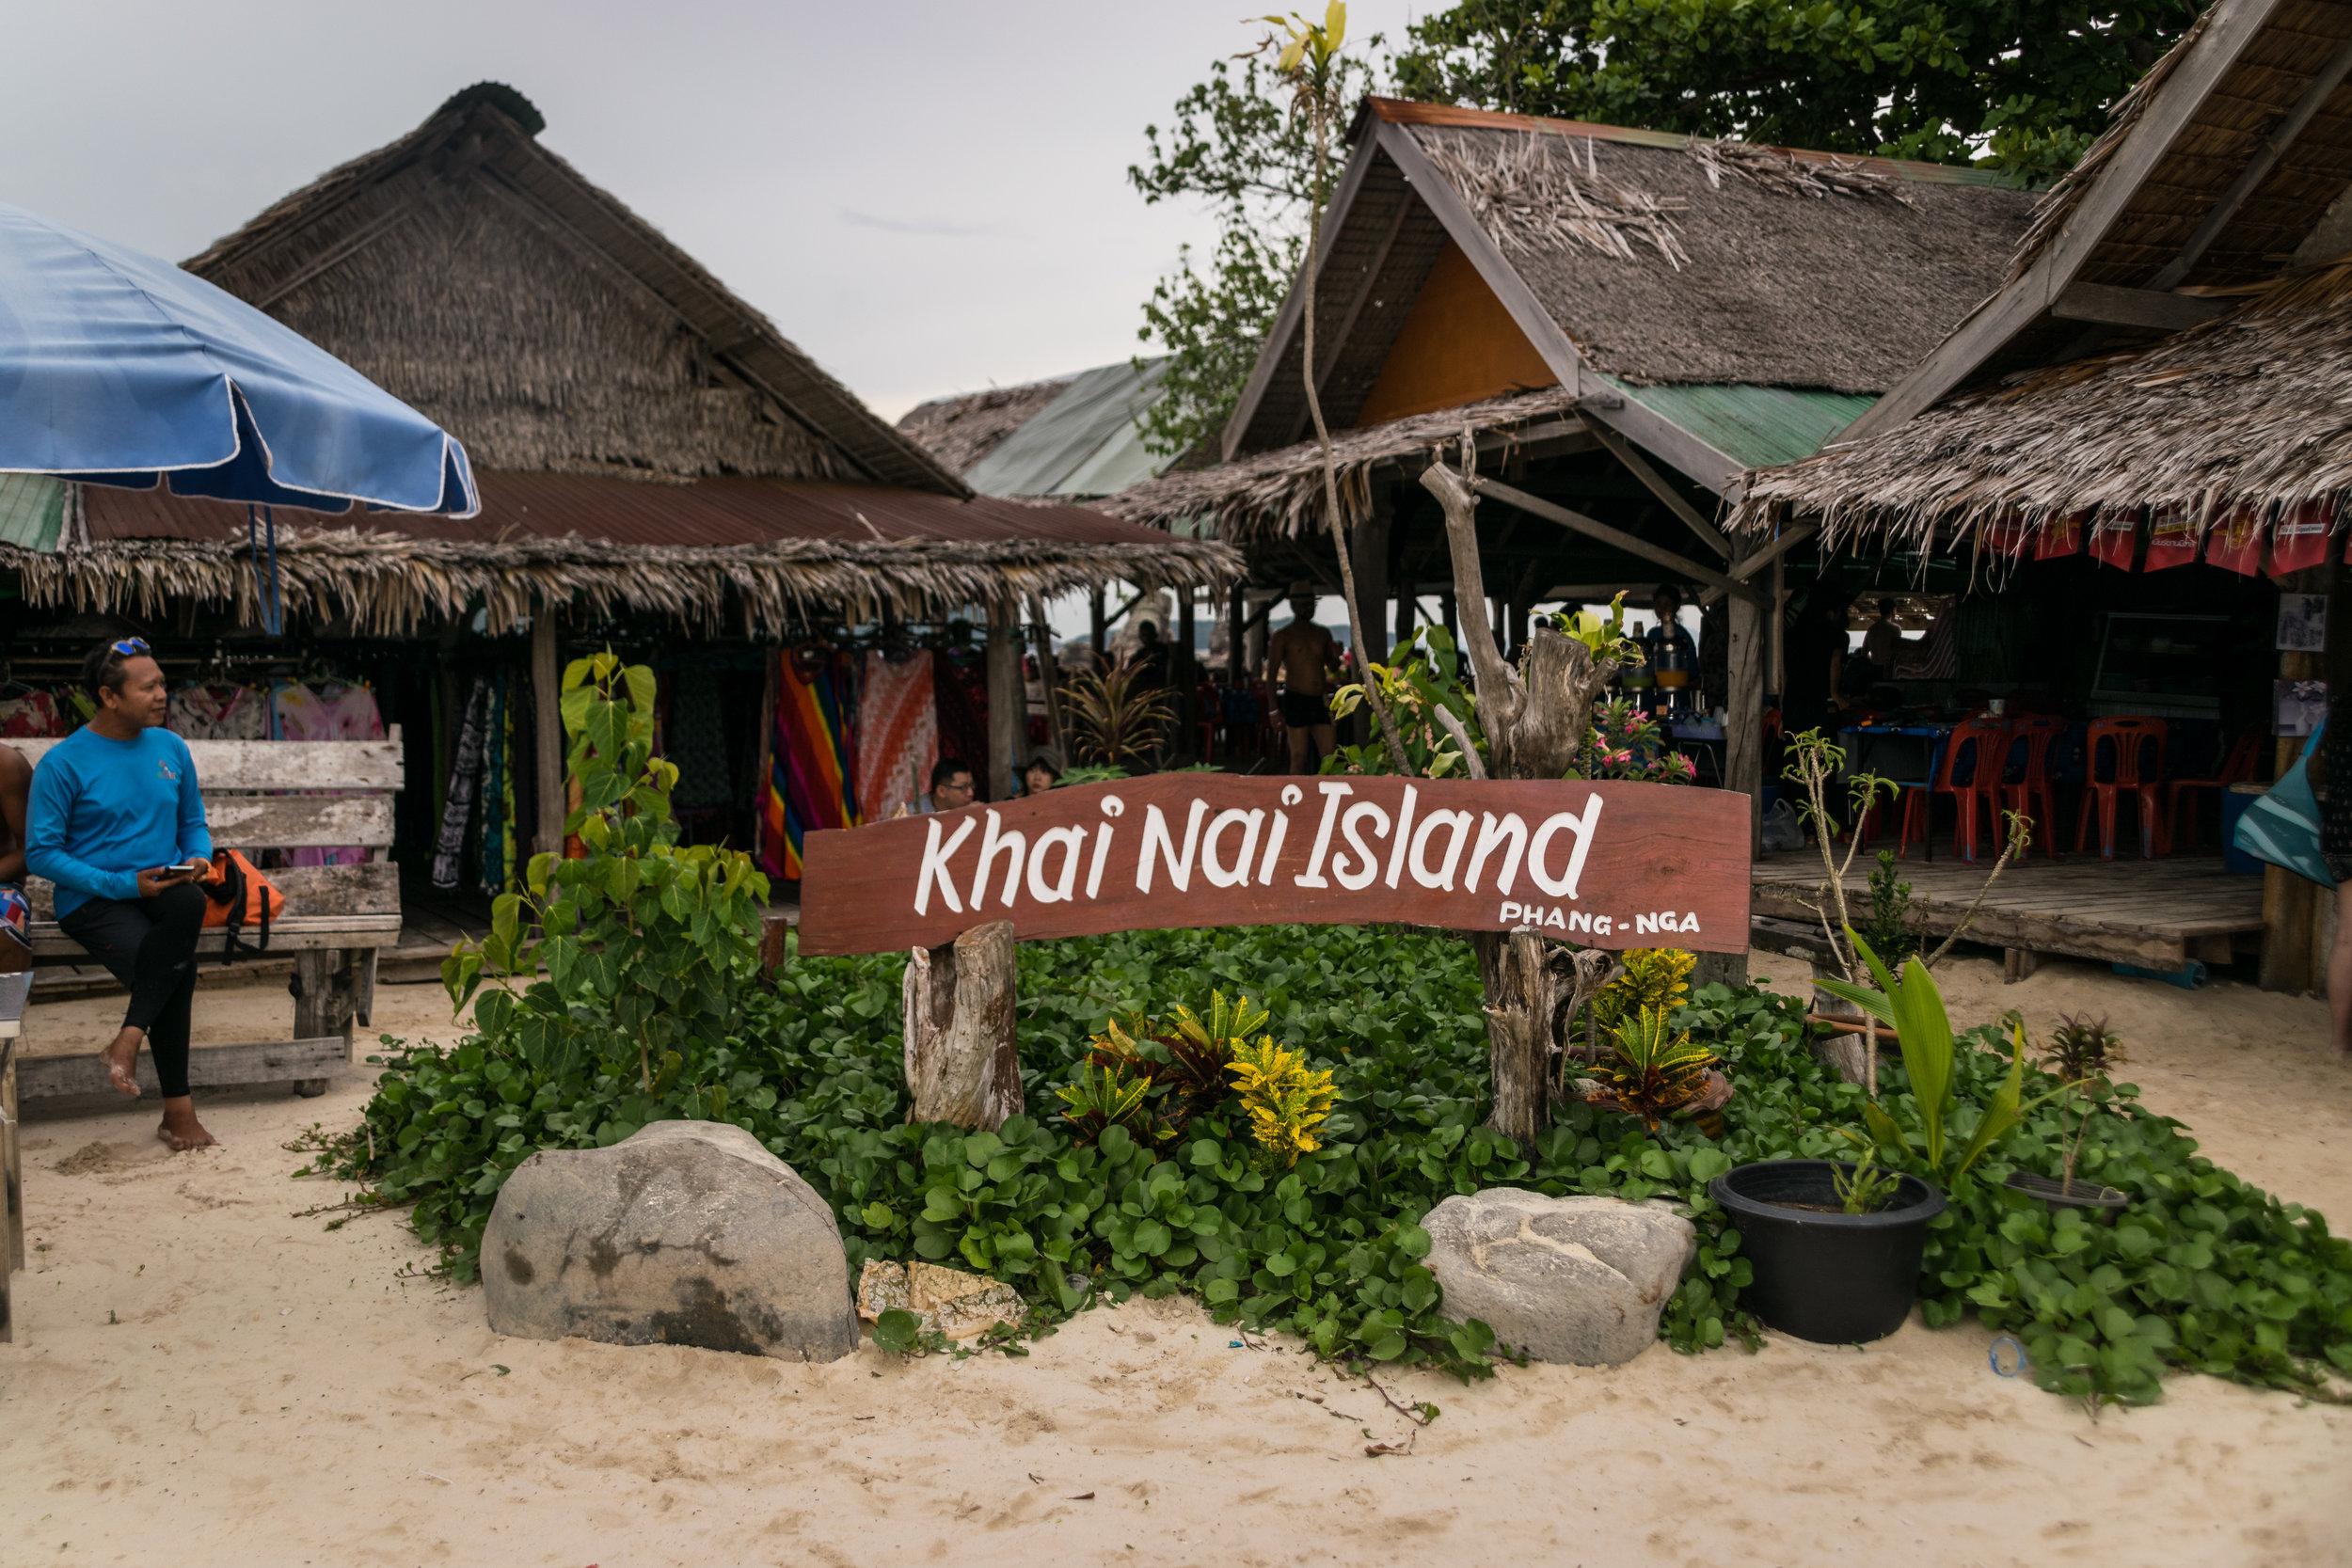 Phuket islands_beaches-1.jpg